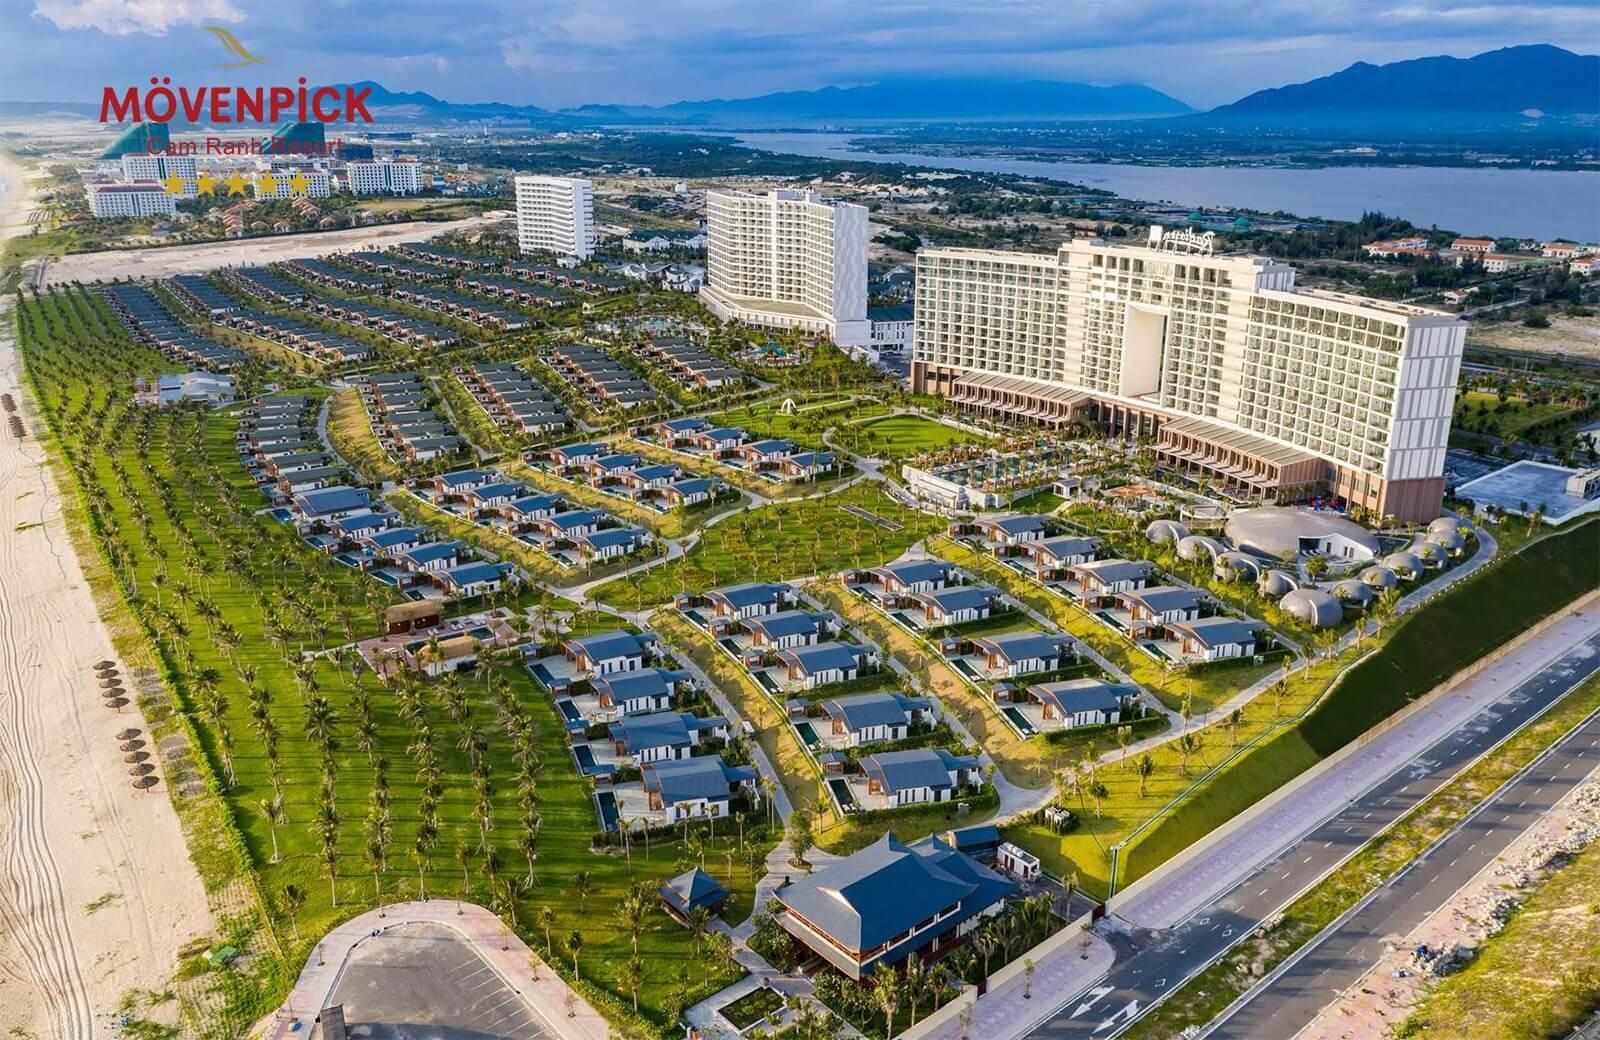 Movenpick Cam Ranh, một dự án bất động sản của Eurowindow.